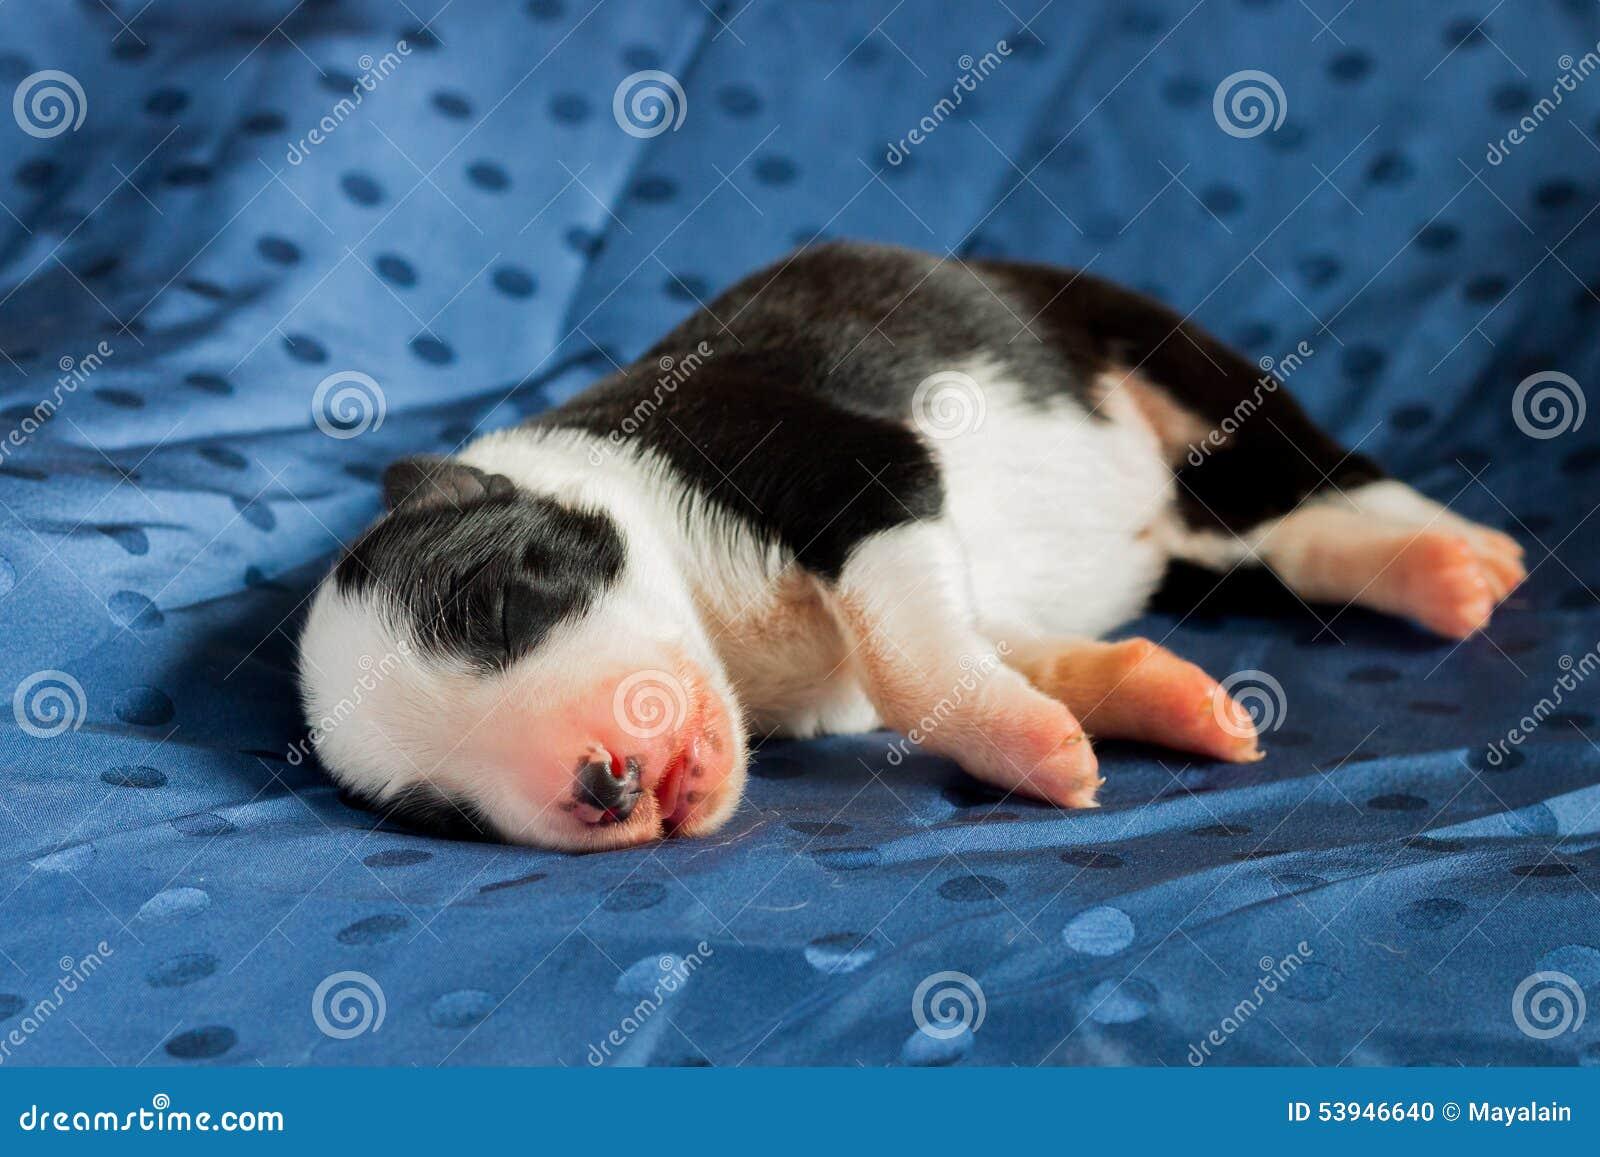 Border collie recién nacido